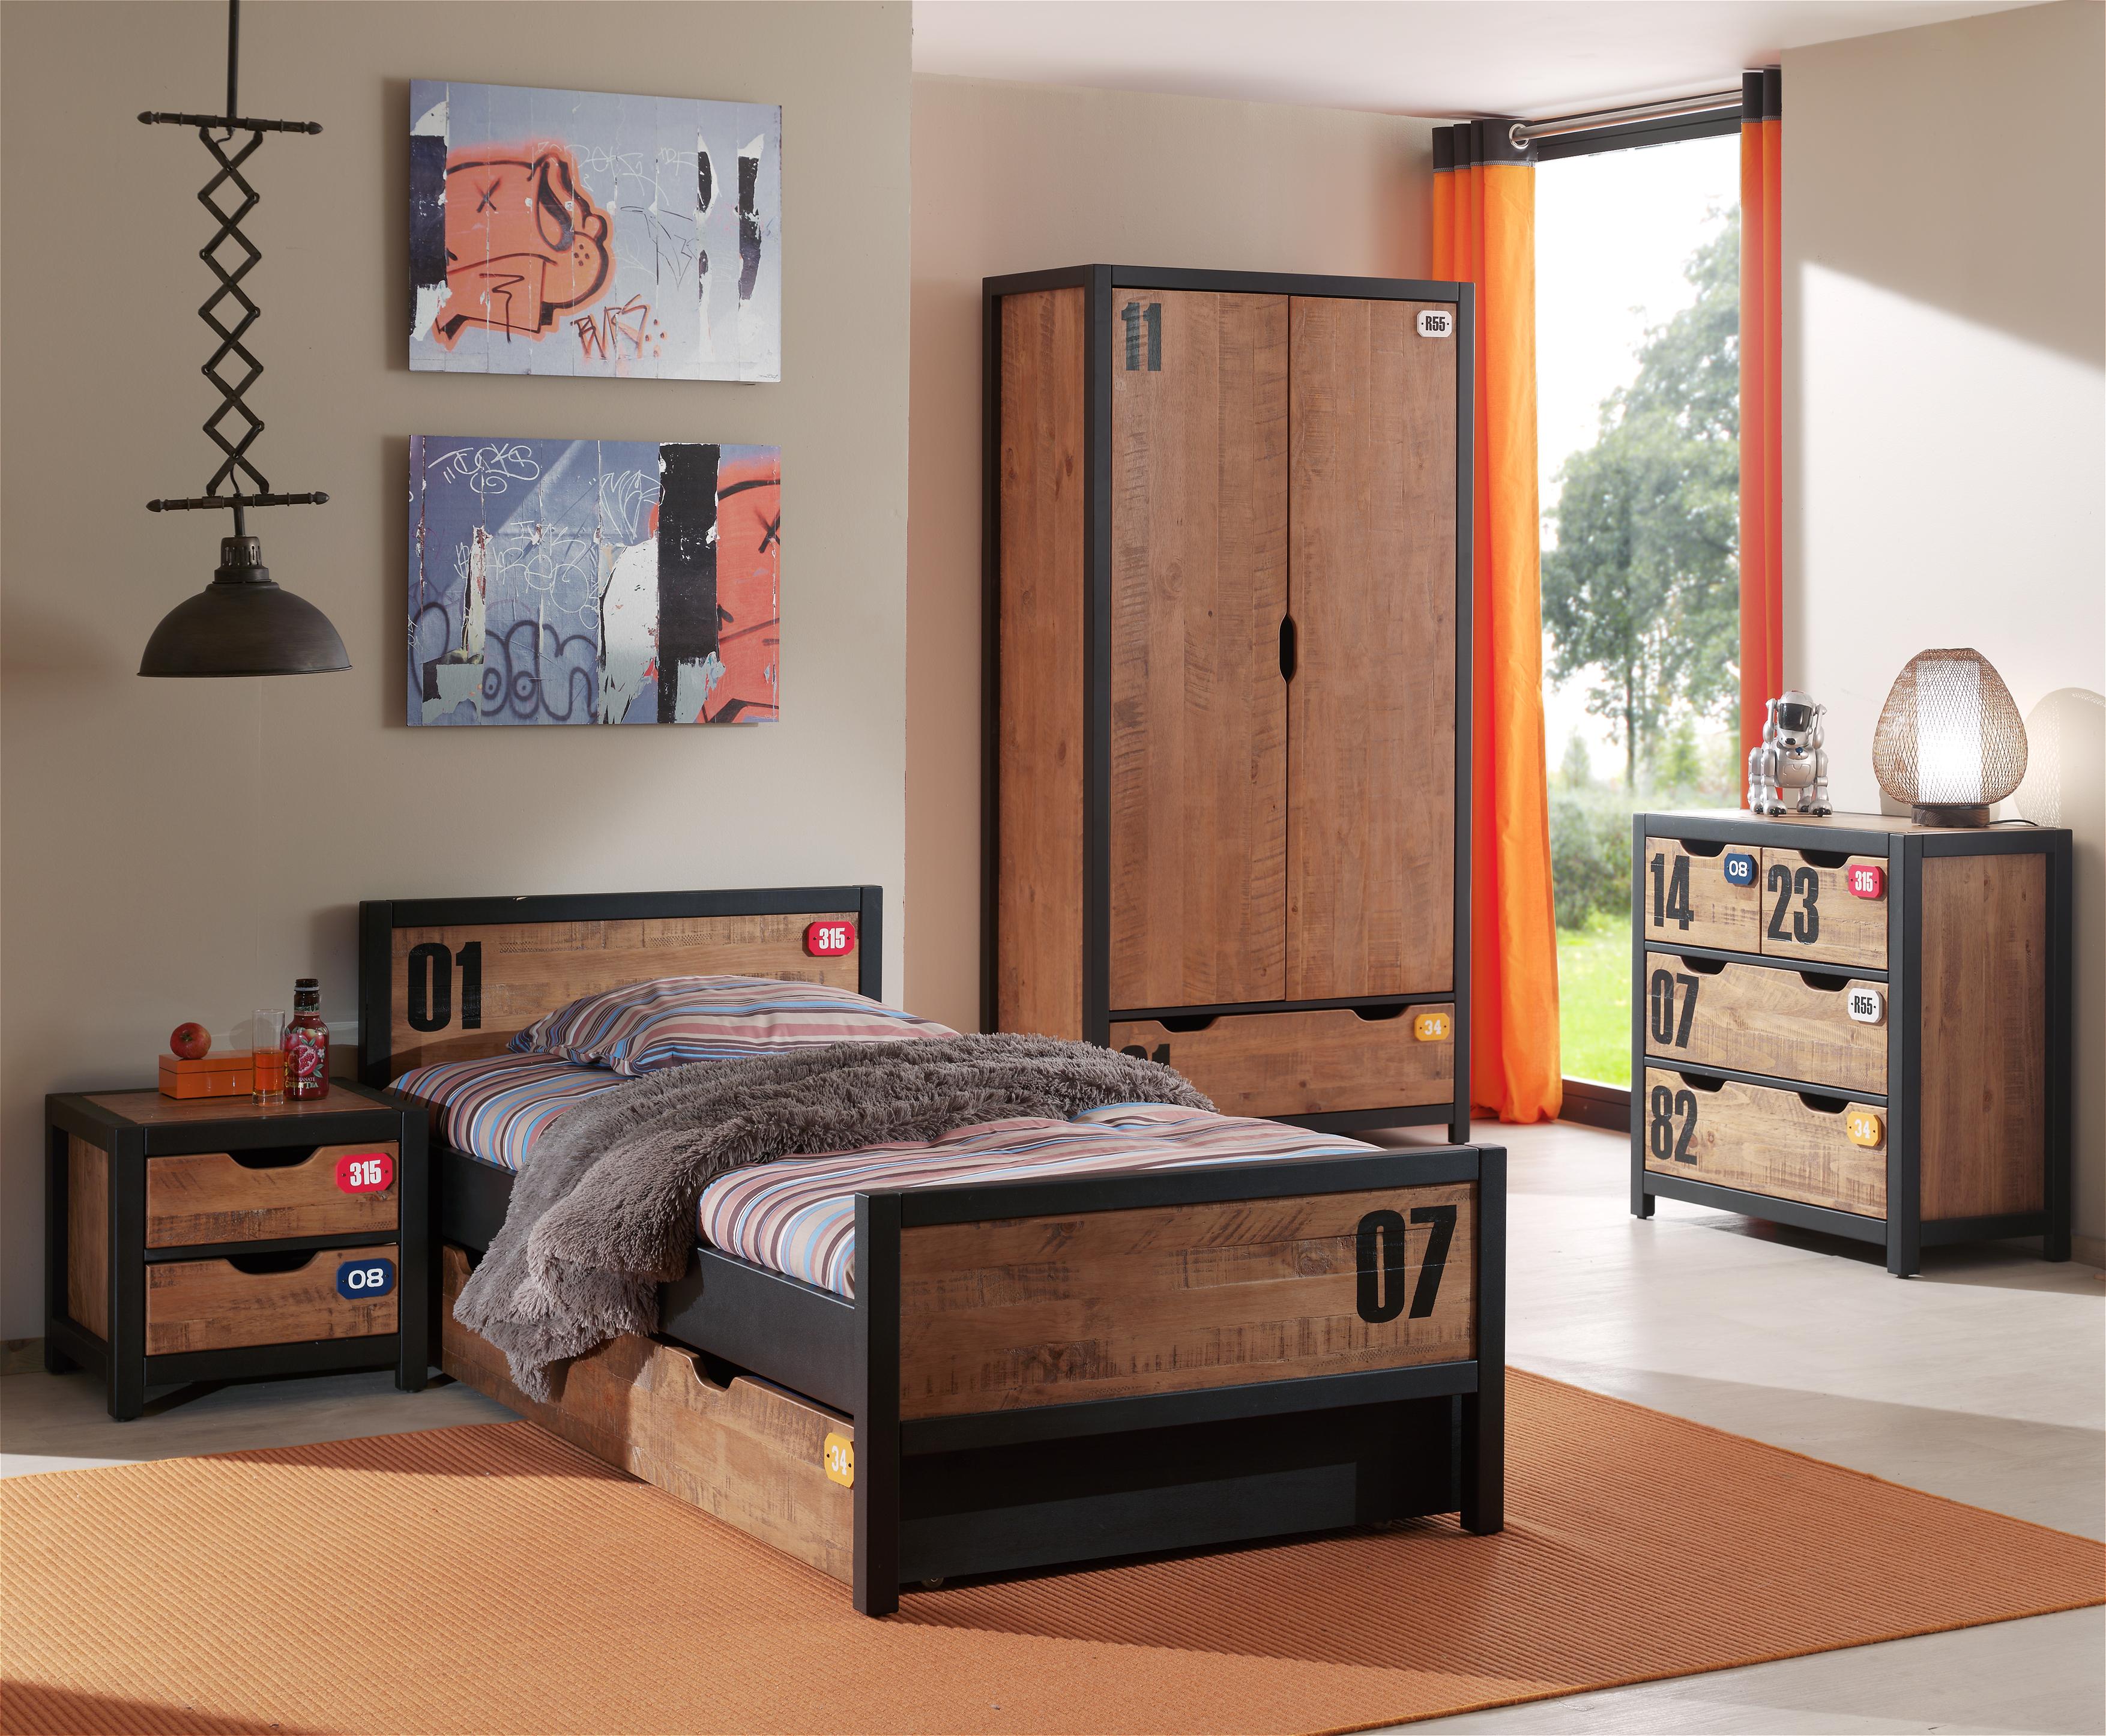 tiroir pour lit enfant industriel alex. Black Bedroom Furniture Sets. Home Design Ideas